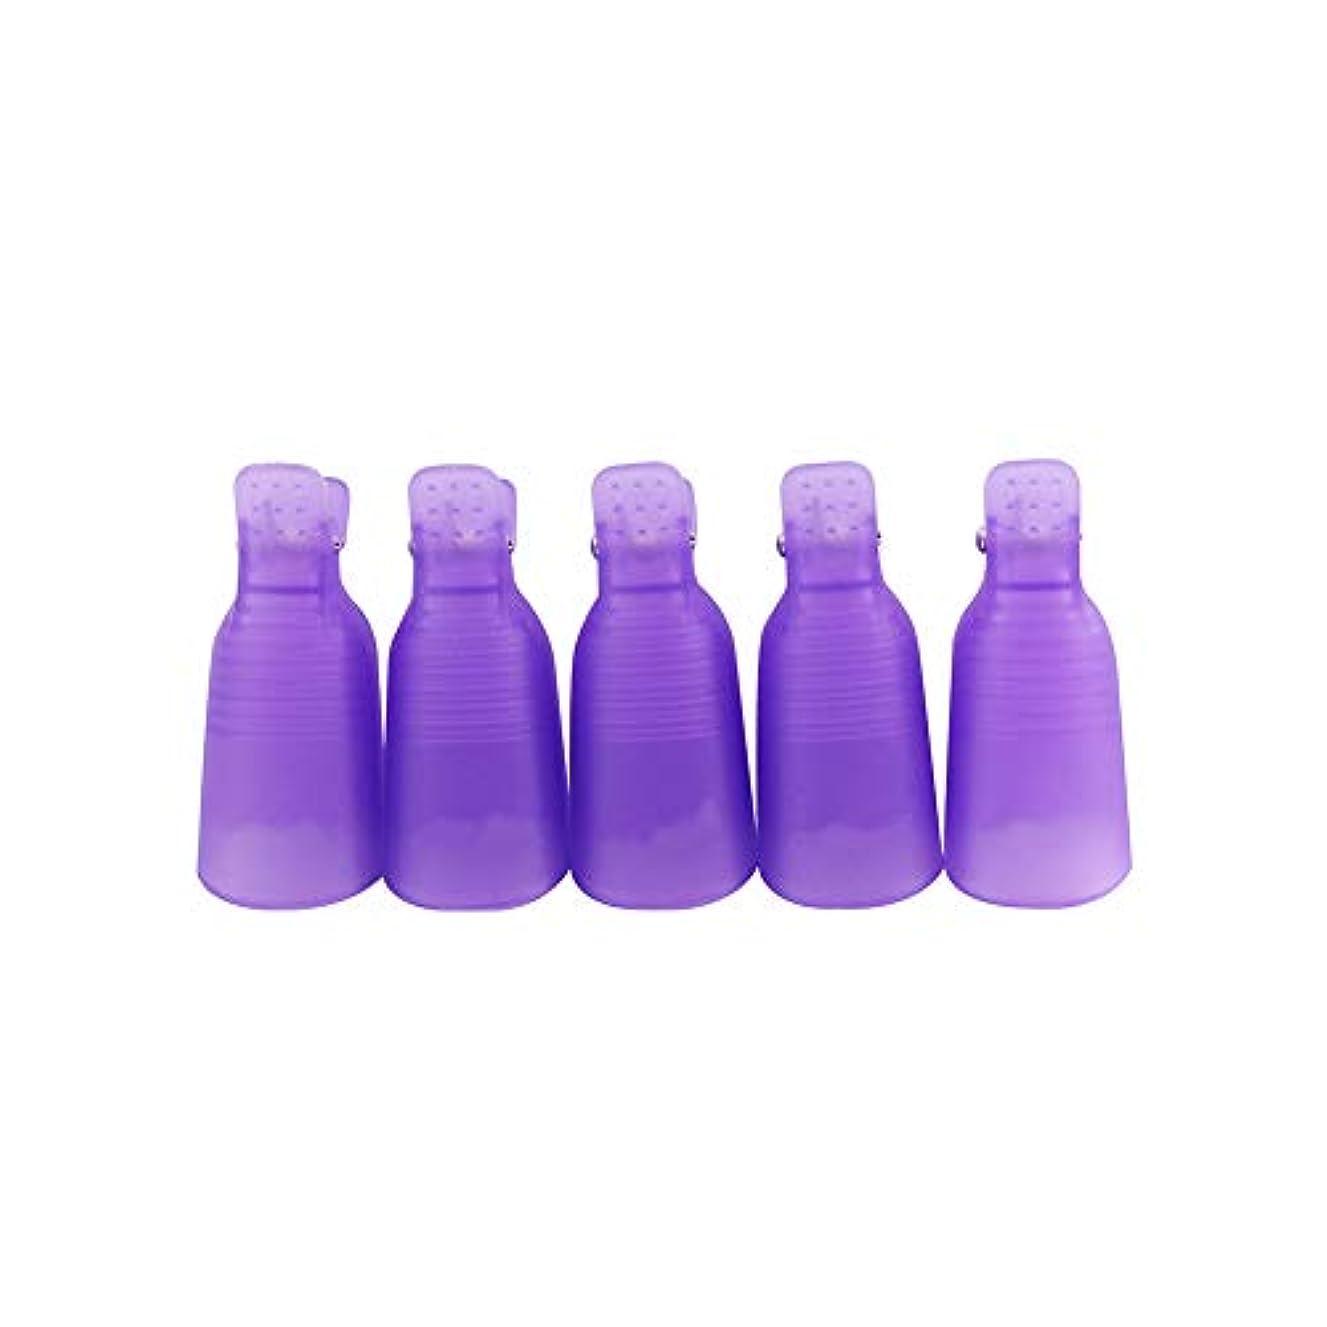 極めてきらきらシネマ5マニキュアUV接着パッドは、キャップリムーバーツールネイルネイルポリッシュリムーバー再利用可能なシリコーンはラップまたはオフに浸した家庭用のサロン(紫)